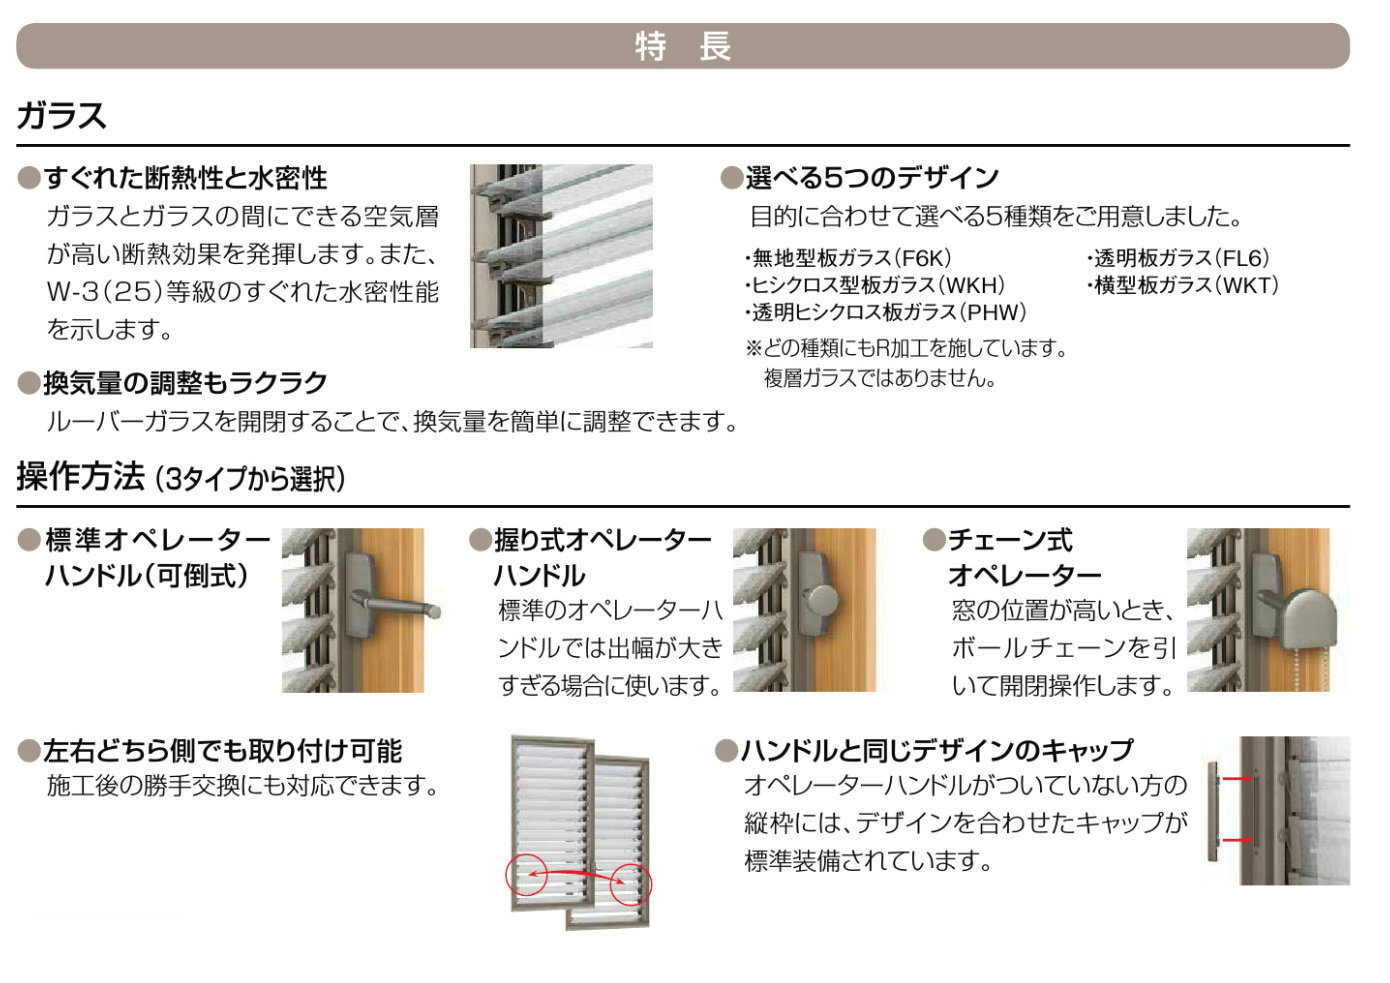 デュオPG 呼称03603 H:370mm 単体 リフォーム トステム × TOSTEM サッシ LIXIL 複層ガラス リクシル ダブルガラスルーバー窓 W:405mm DIY